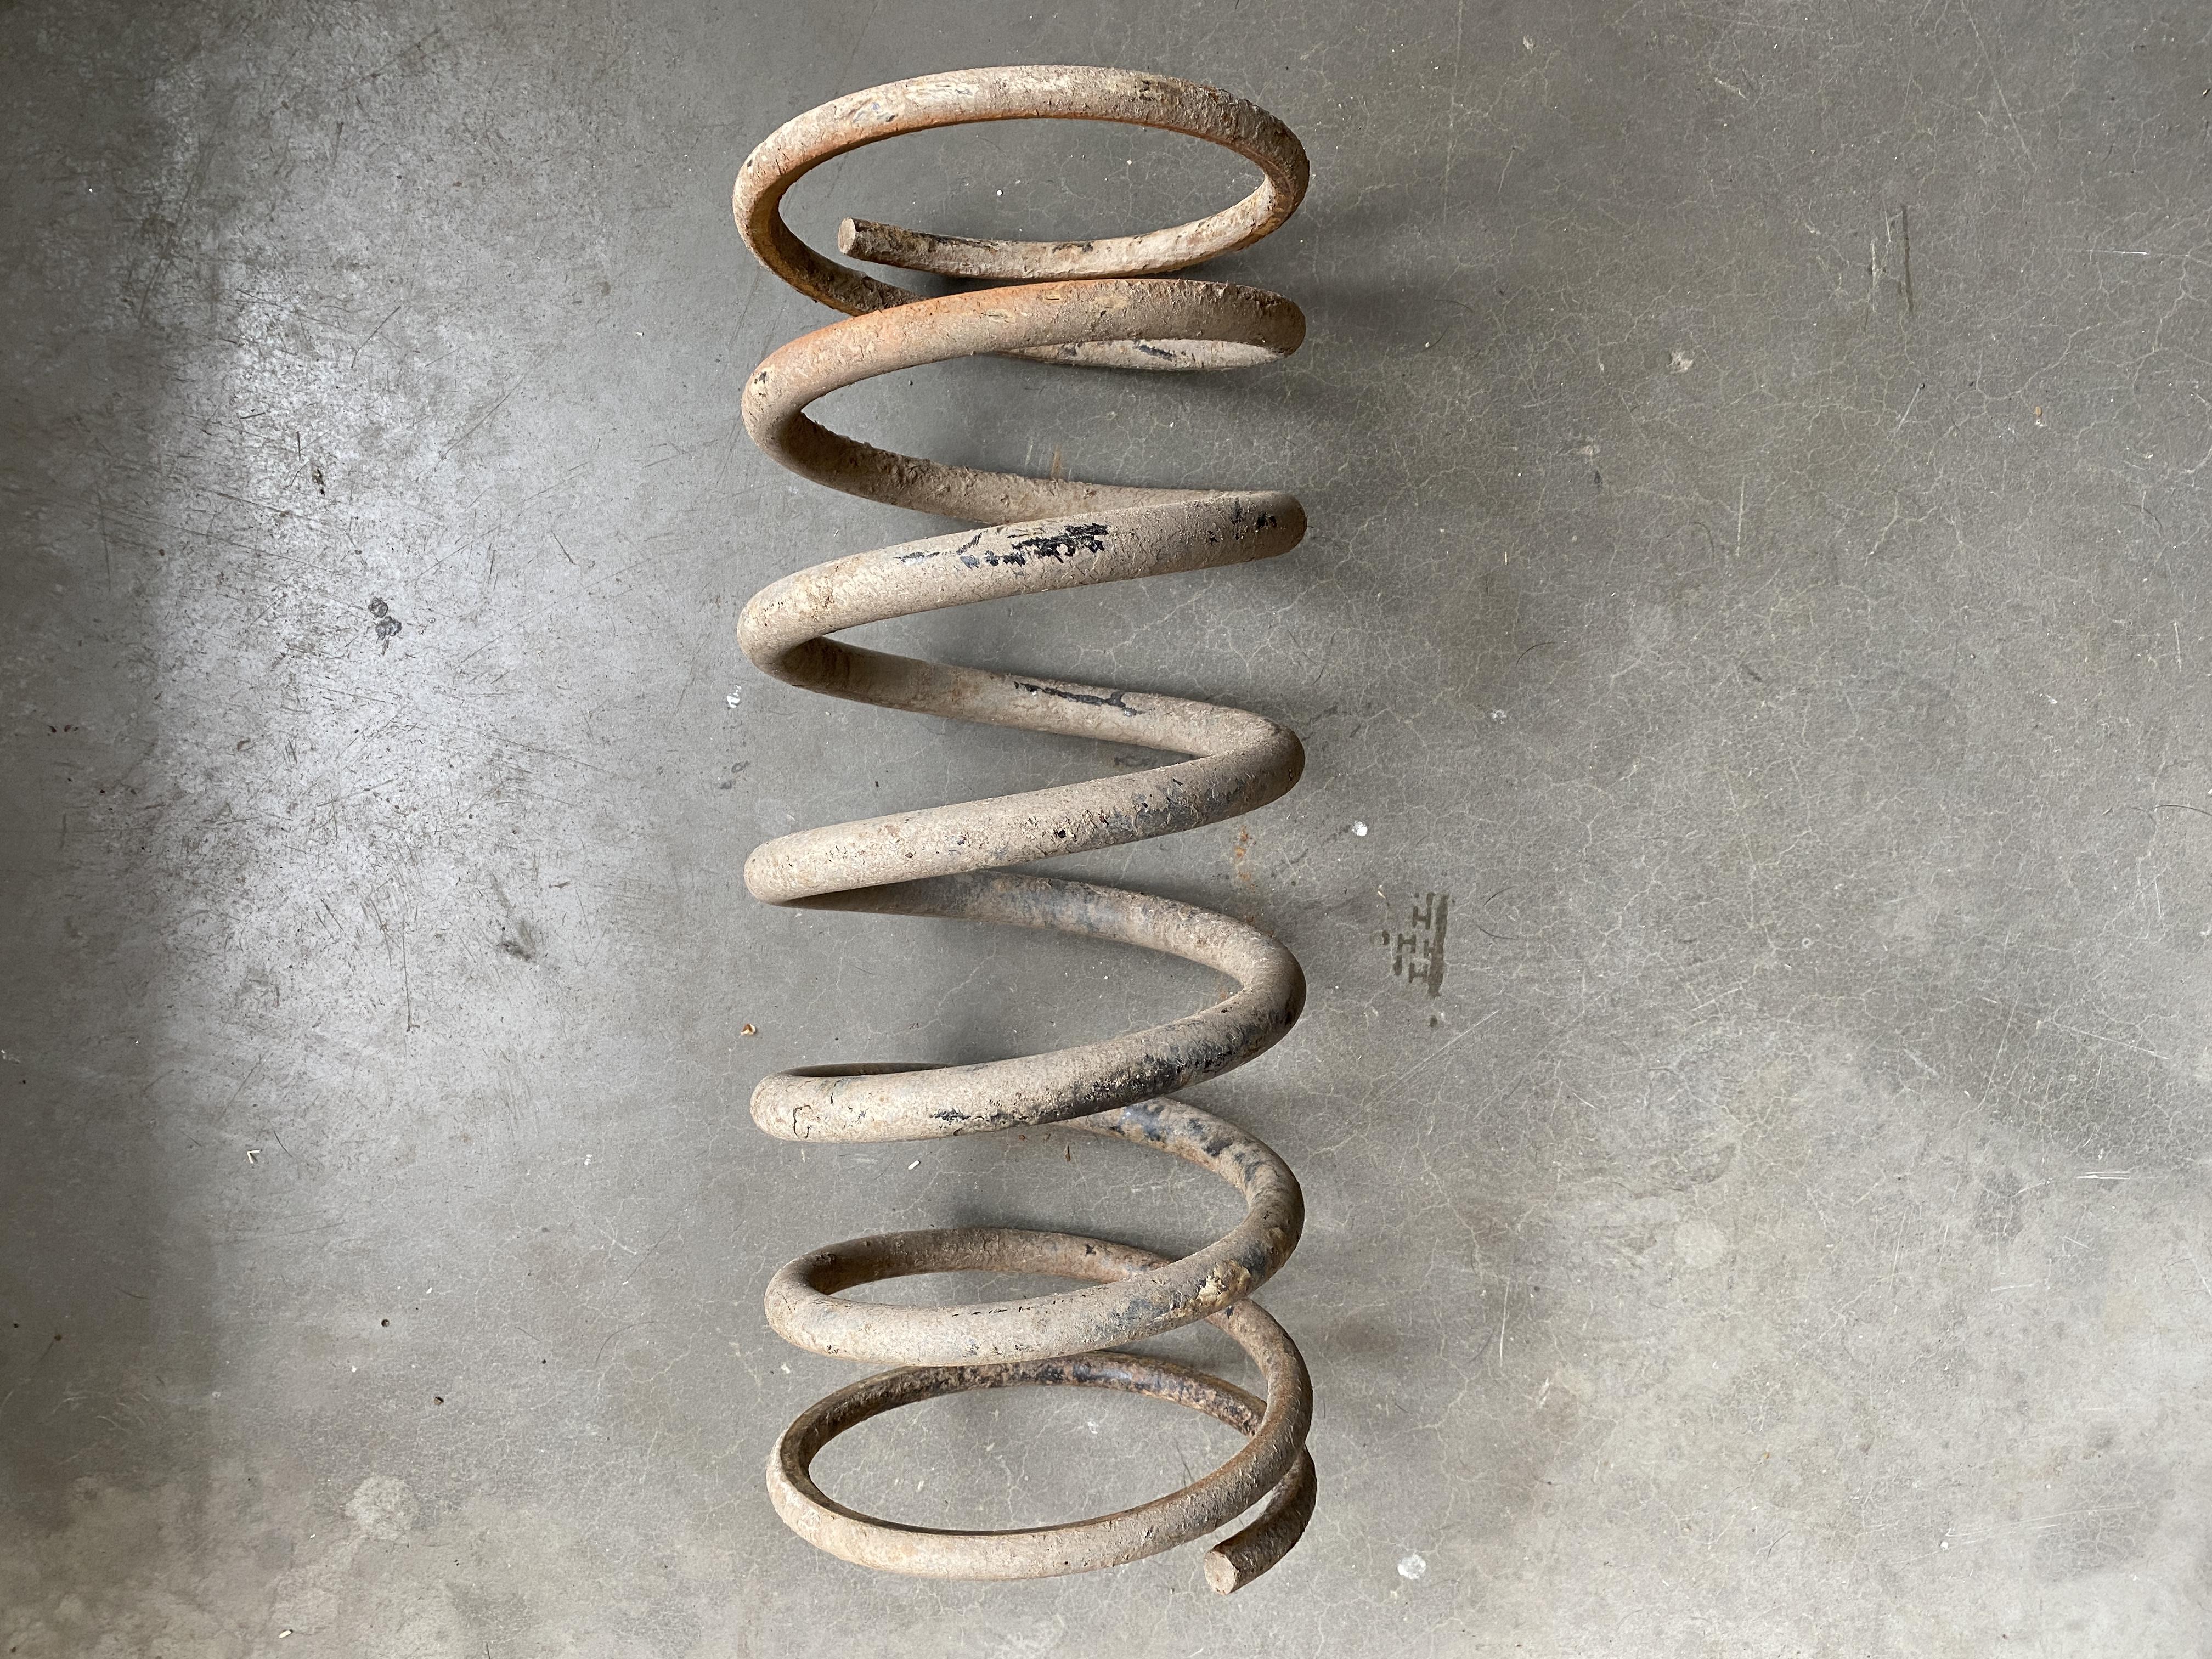 Schraubenfeder mit unterschiedlichen Drahtdurchmessern aus dem Steyr Puch G.